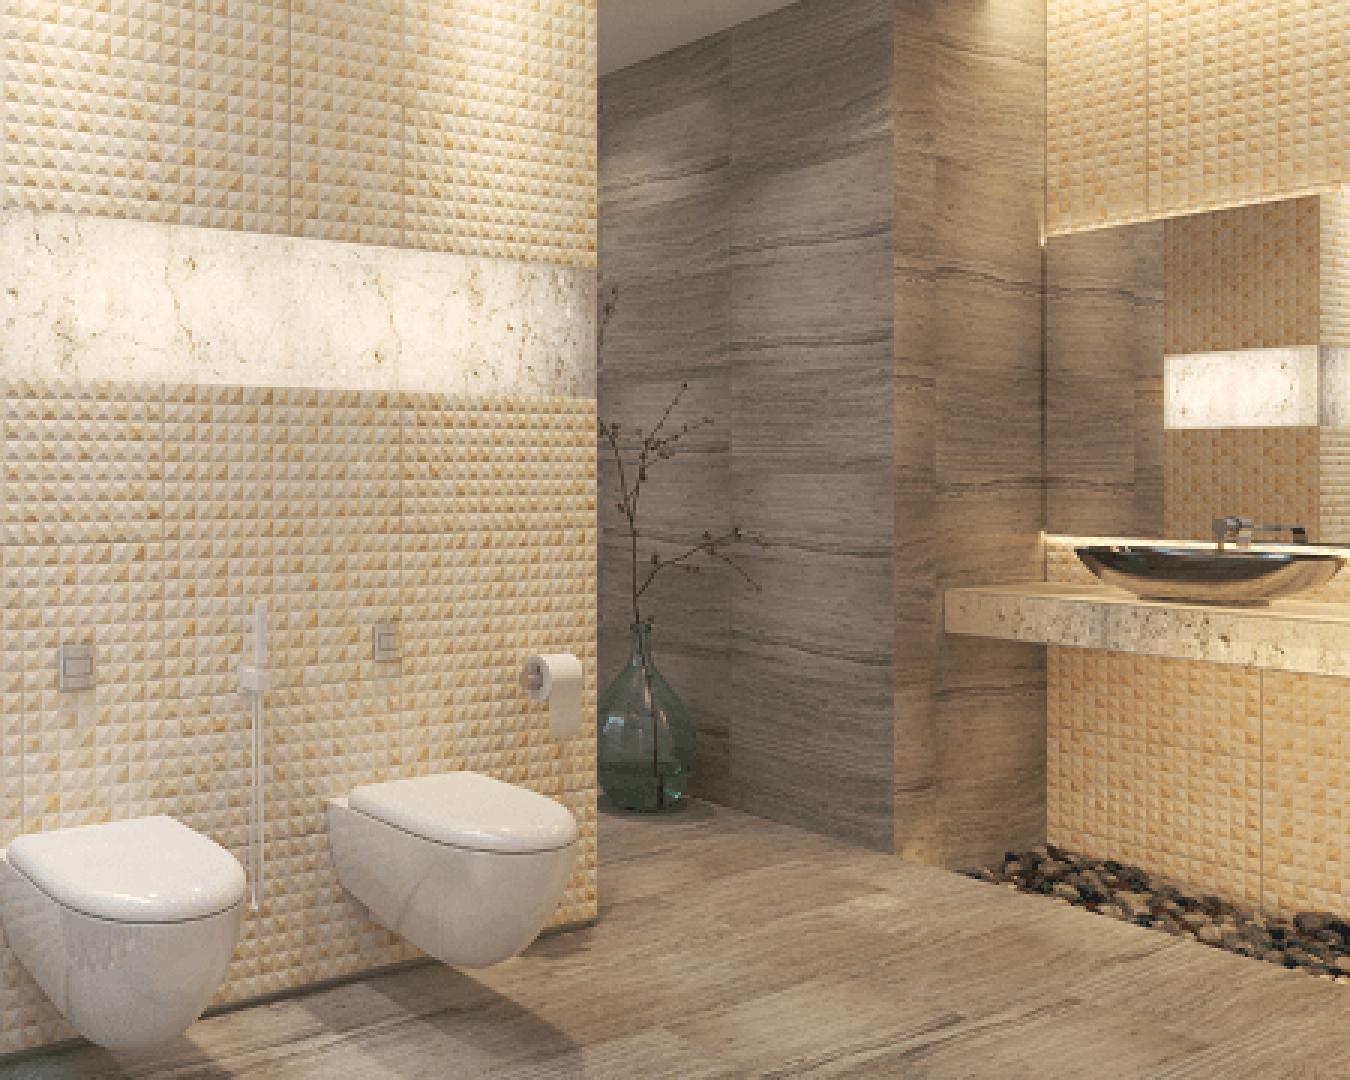 gạch ốp nhà tắm - gạch mosaic